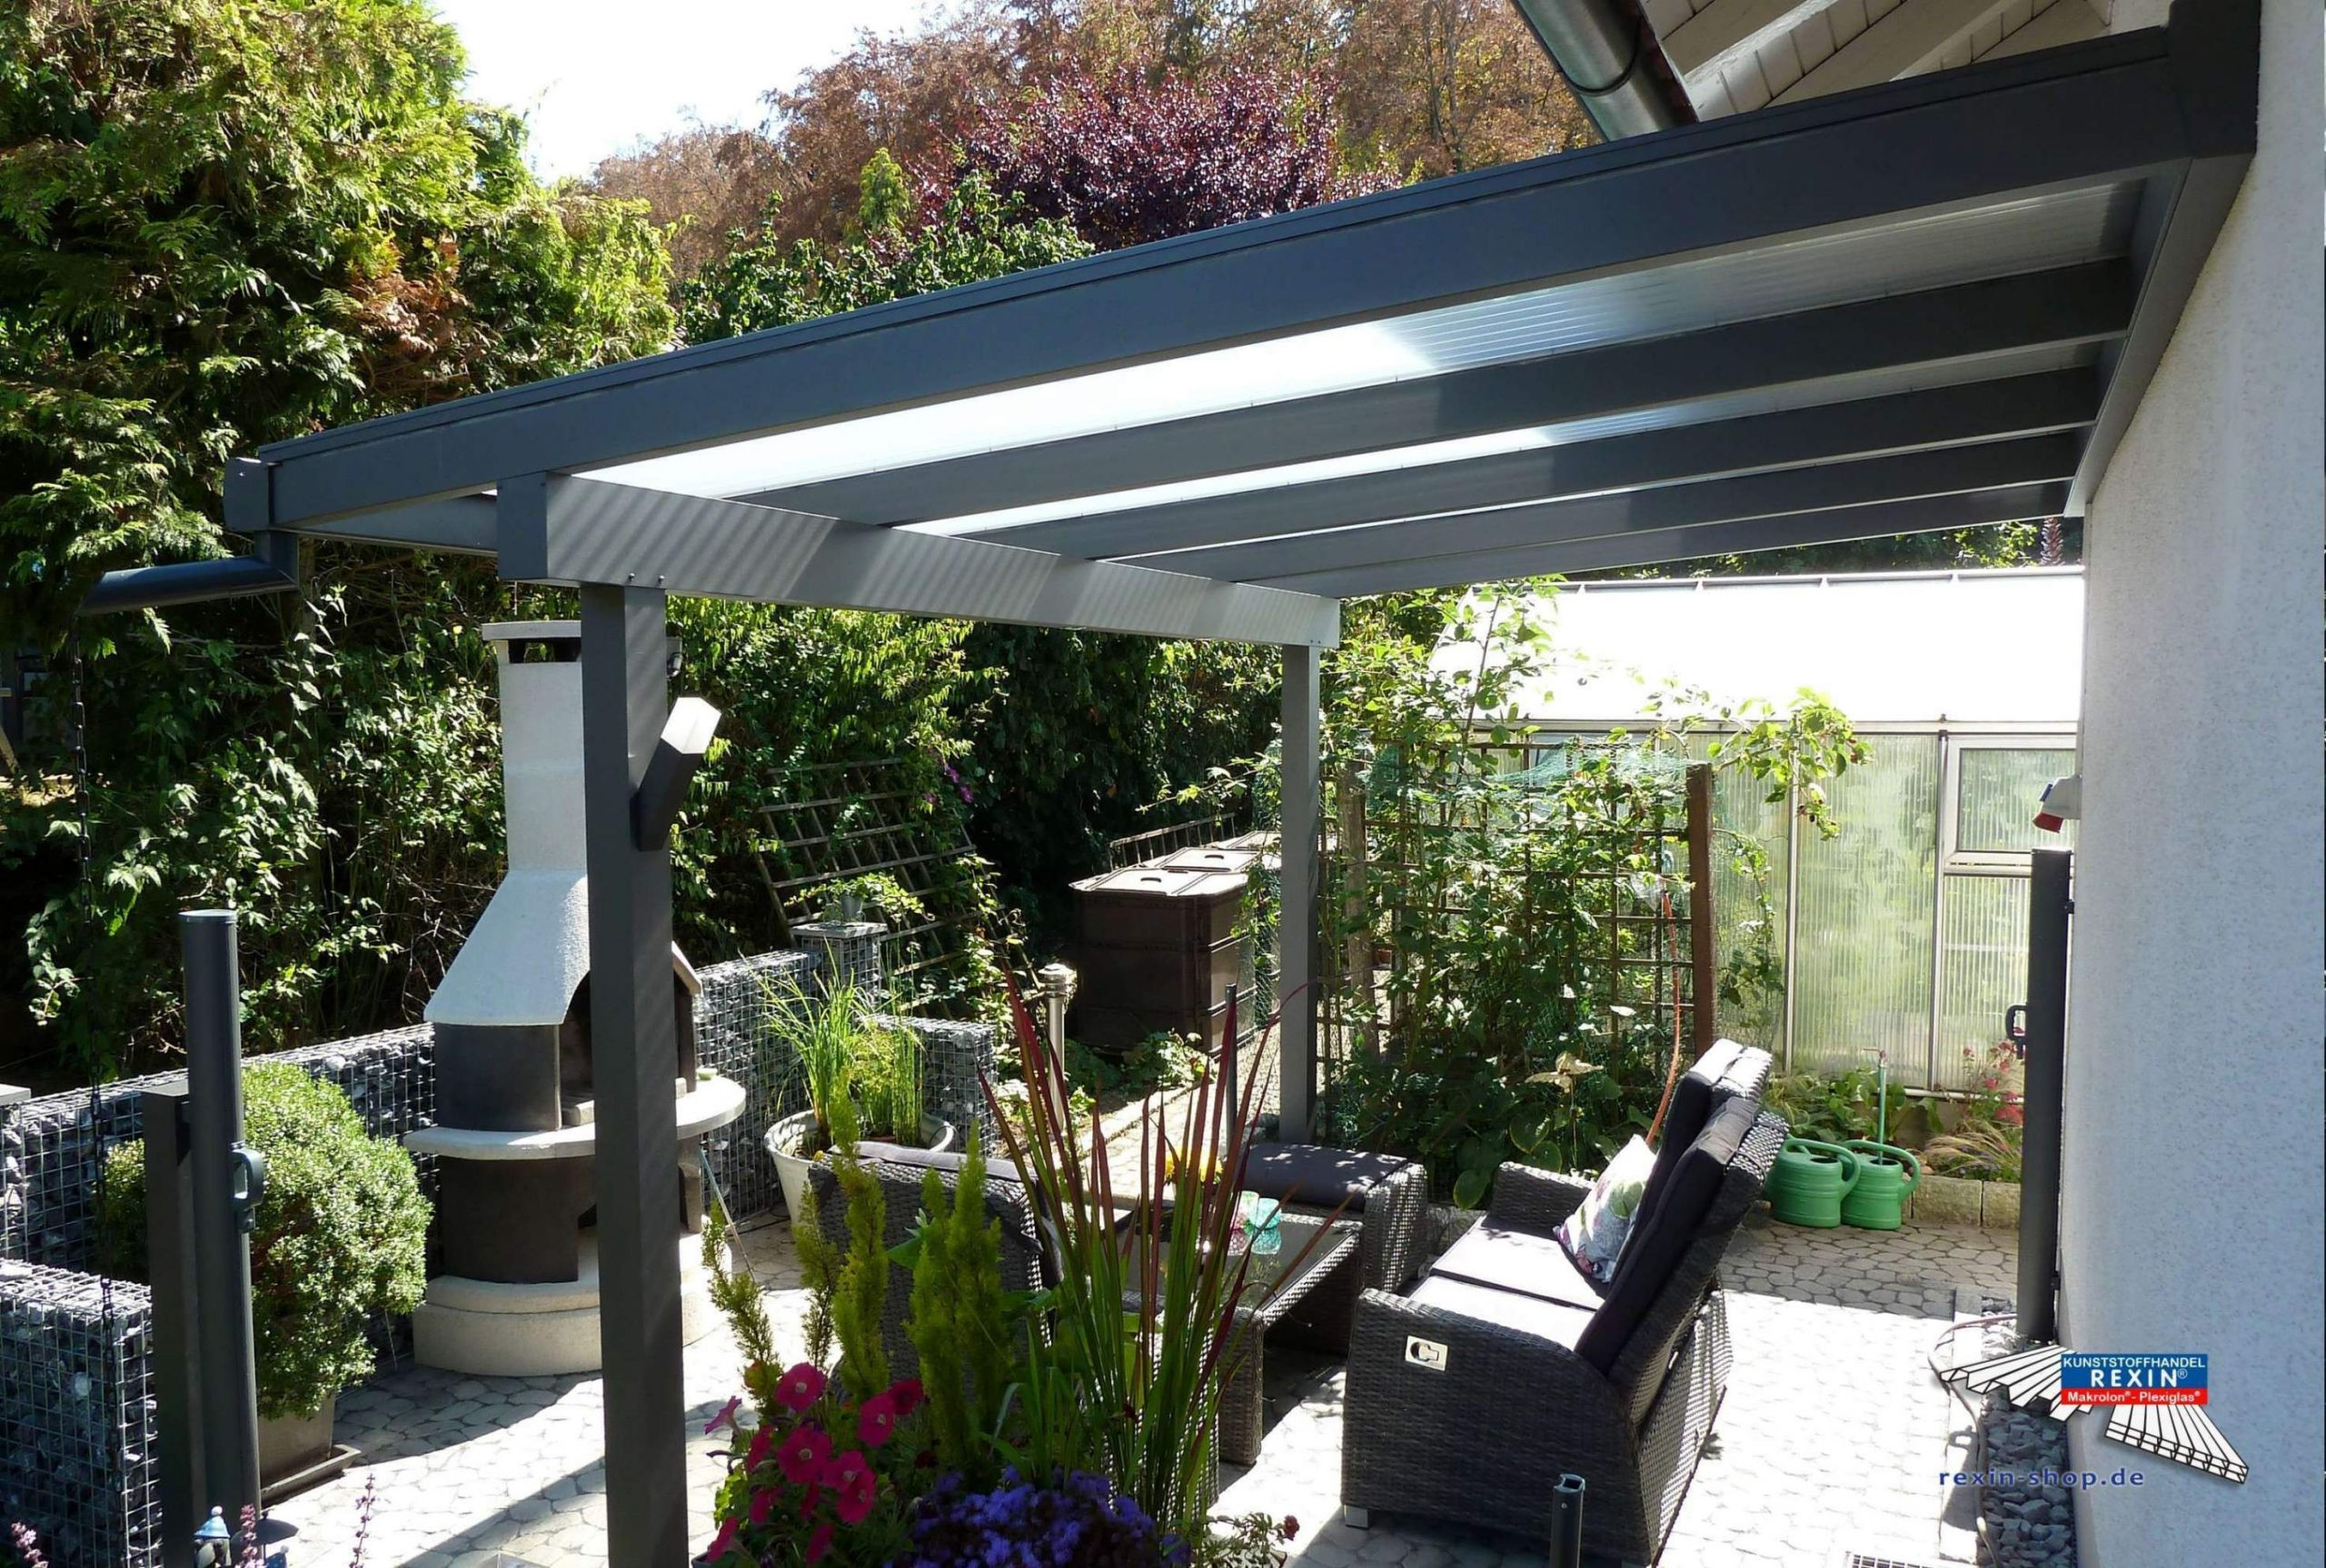 Sauna Für Garten Einzigartig sonnenschutz Im Garten — Temobardz Home Blog